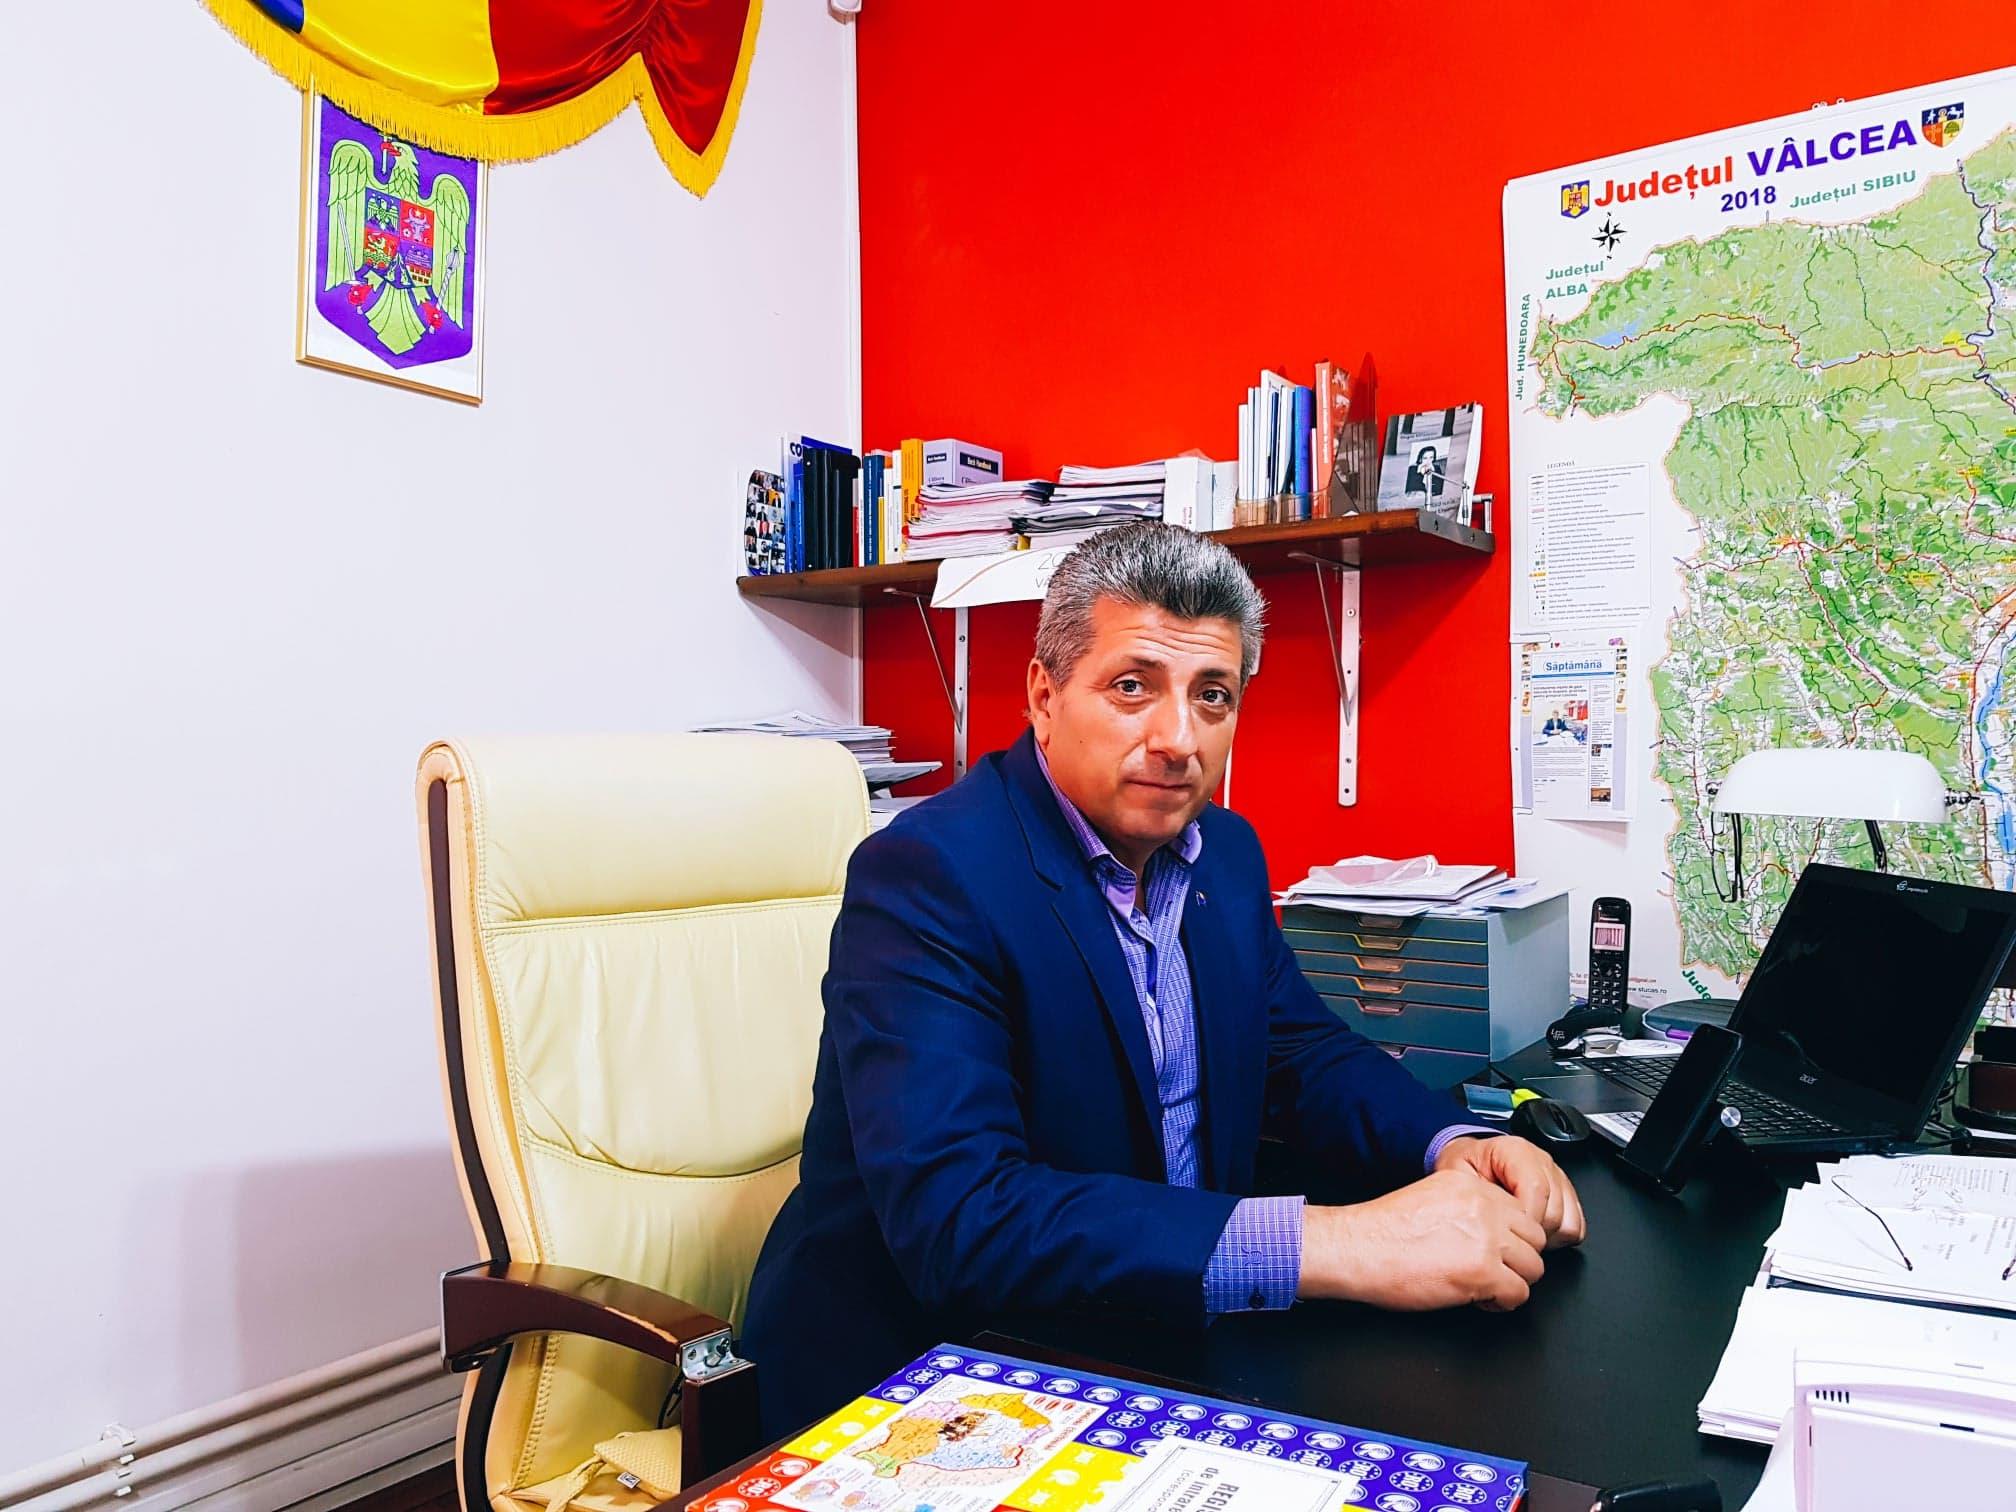 """Nicolae Concioiu: """"Până la finele anului, gospodăriile vor fi racordate la reţeaua de gaze"""""""